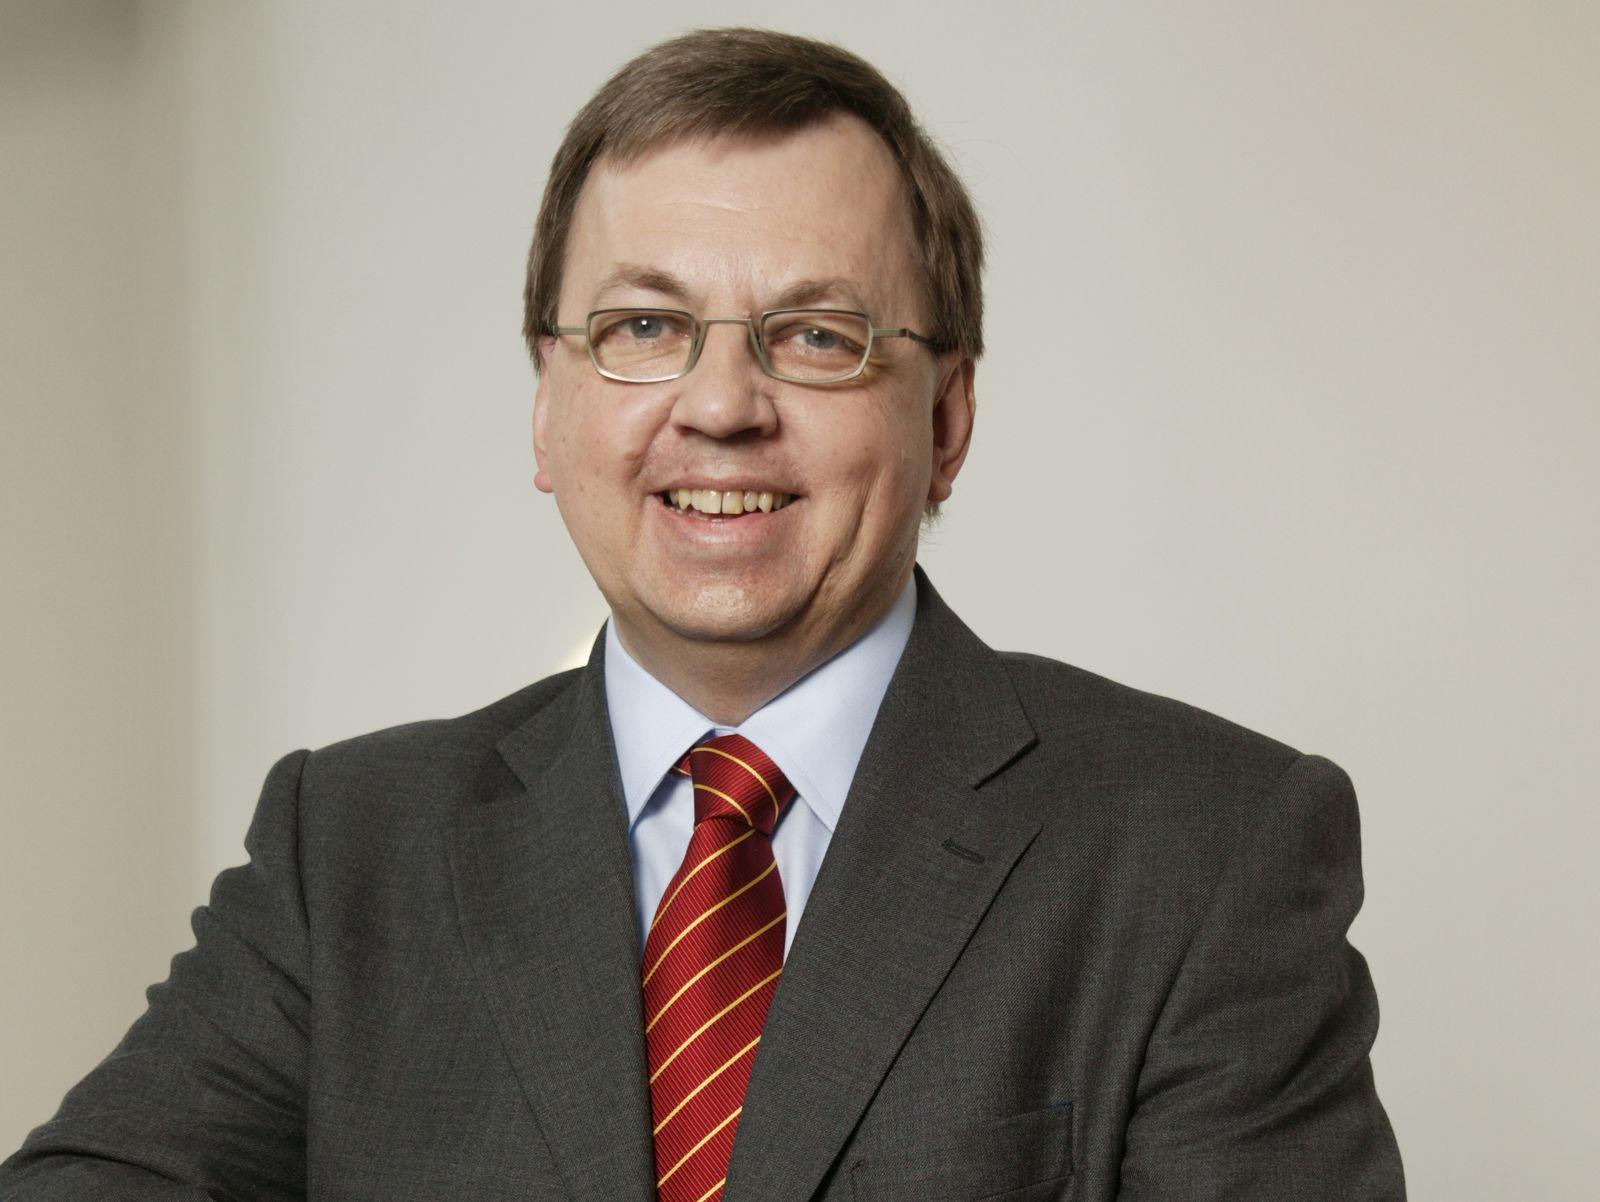 Ulrich Goldschmidt